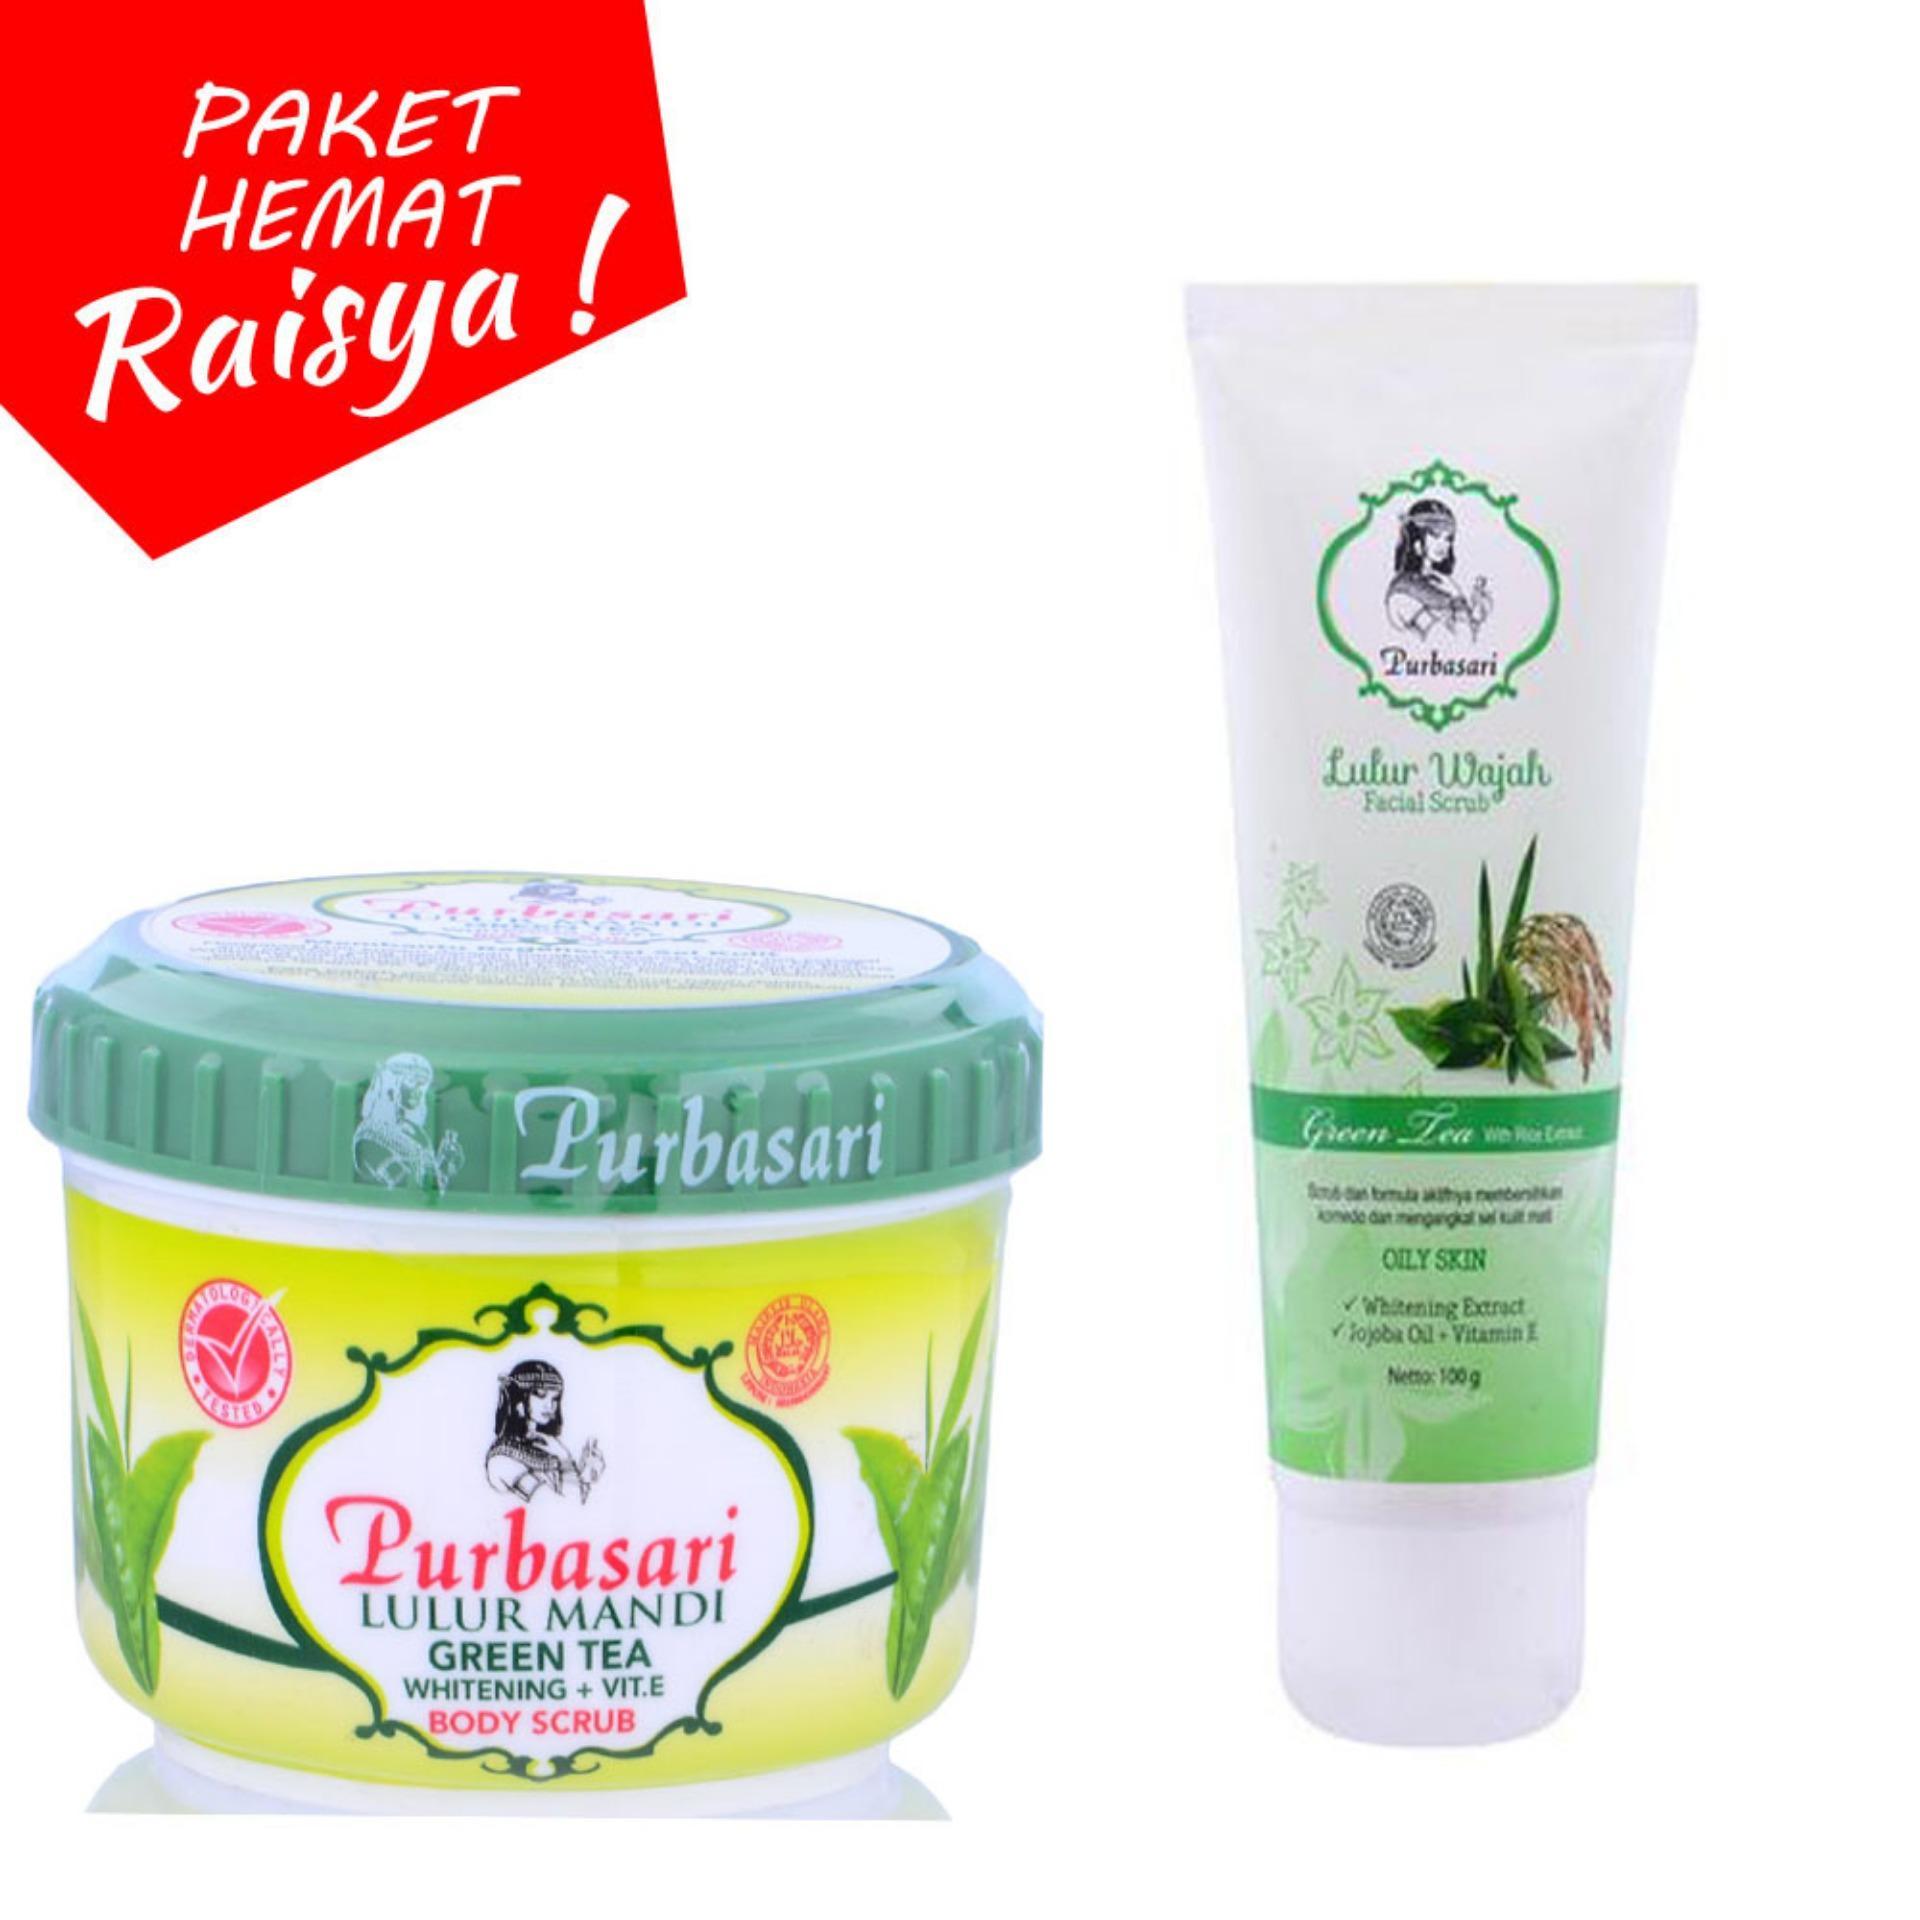 Kehebatan Vanestrix Lulur Green Tea 1 Kg Dan Harga Update Spa Cream 100gr Purbasari Paket Mandi Wajah Lebih Hemat